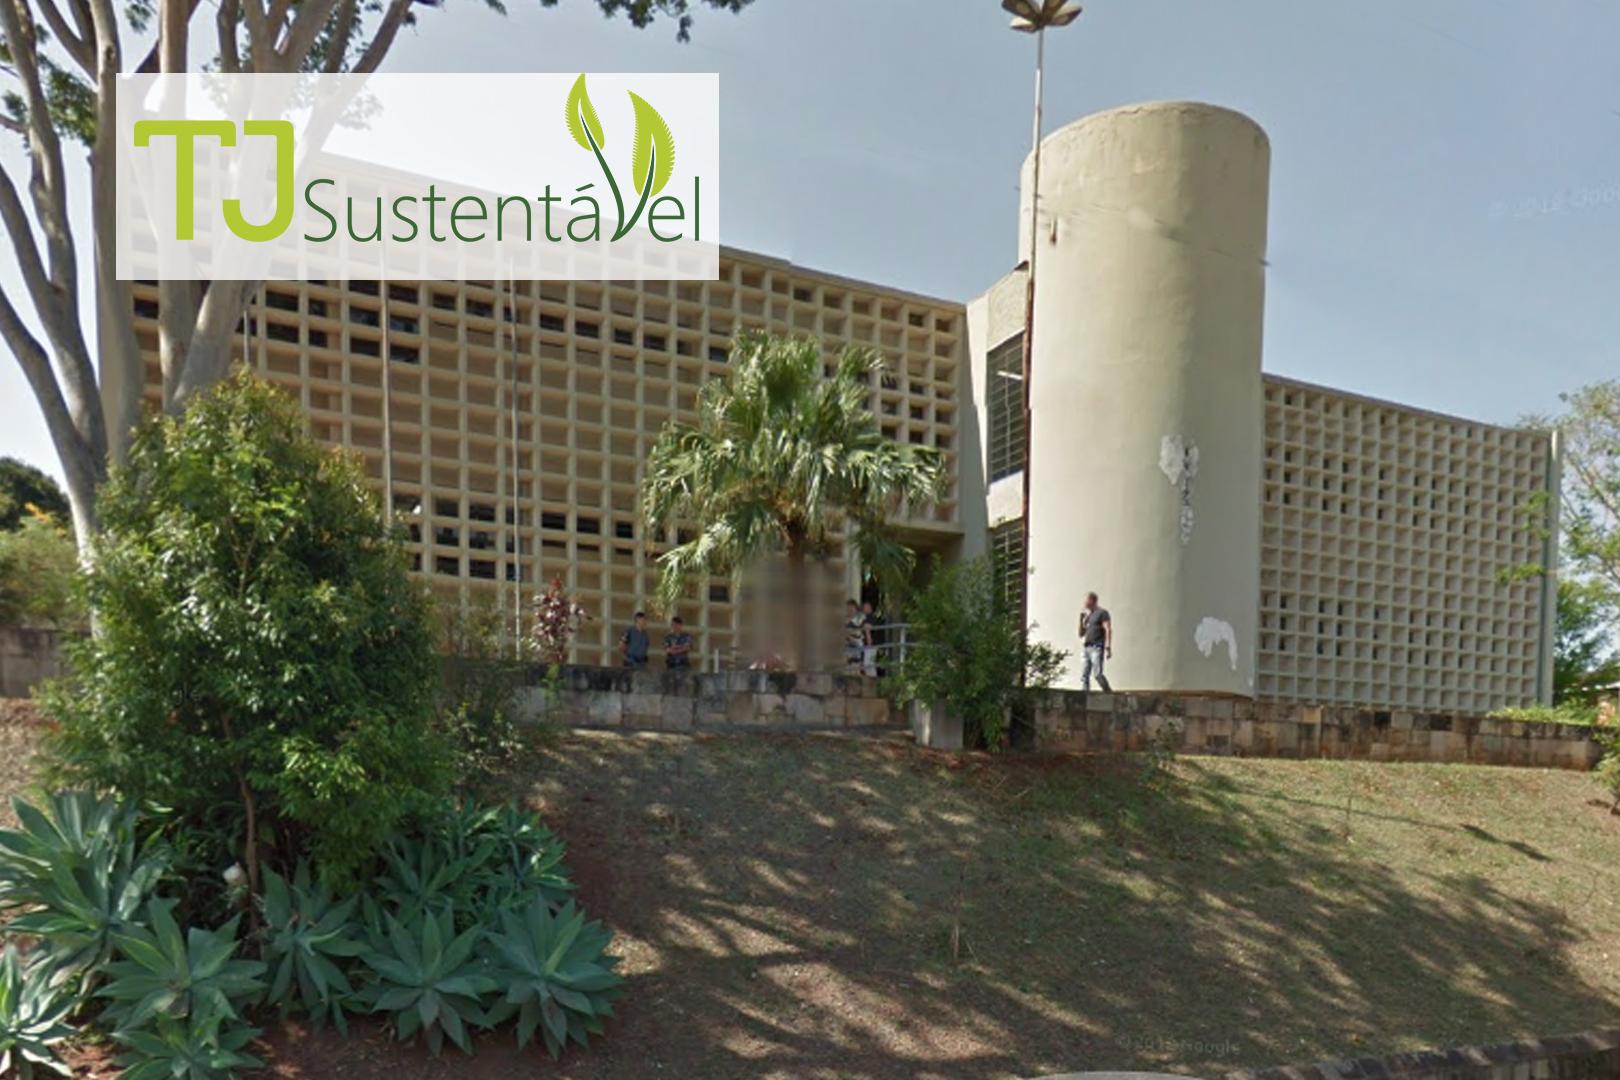 Fórum de Barra Bonita segue na liderança do TJ Sustentável